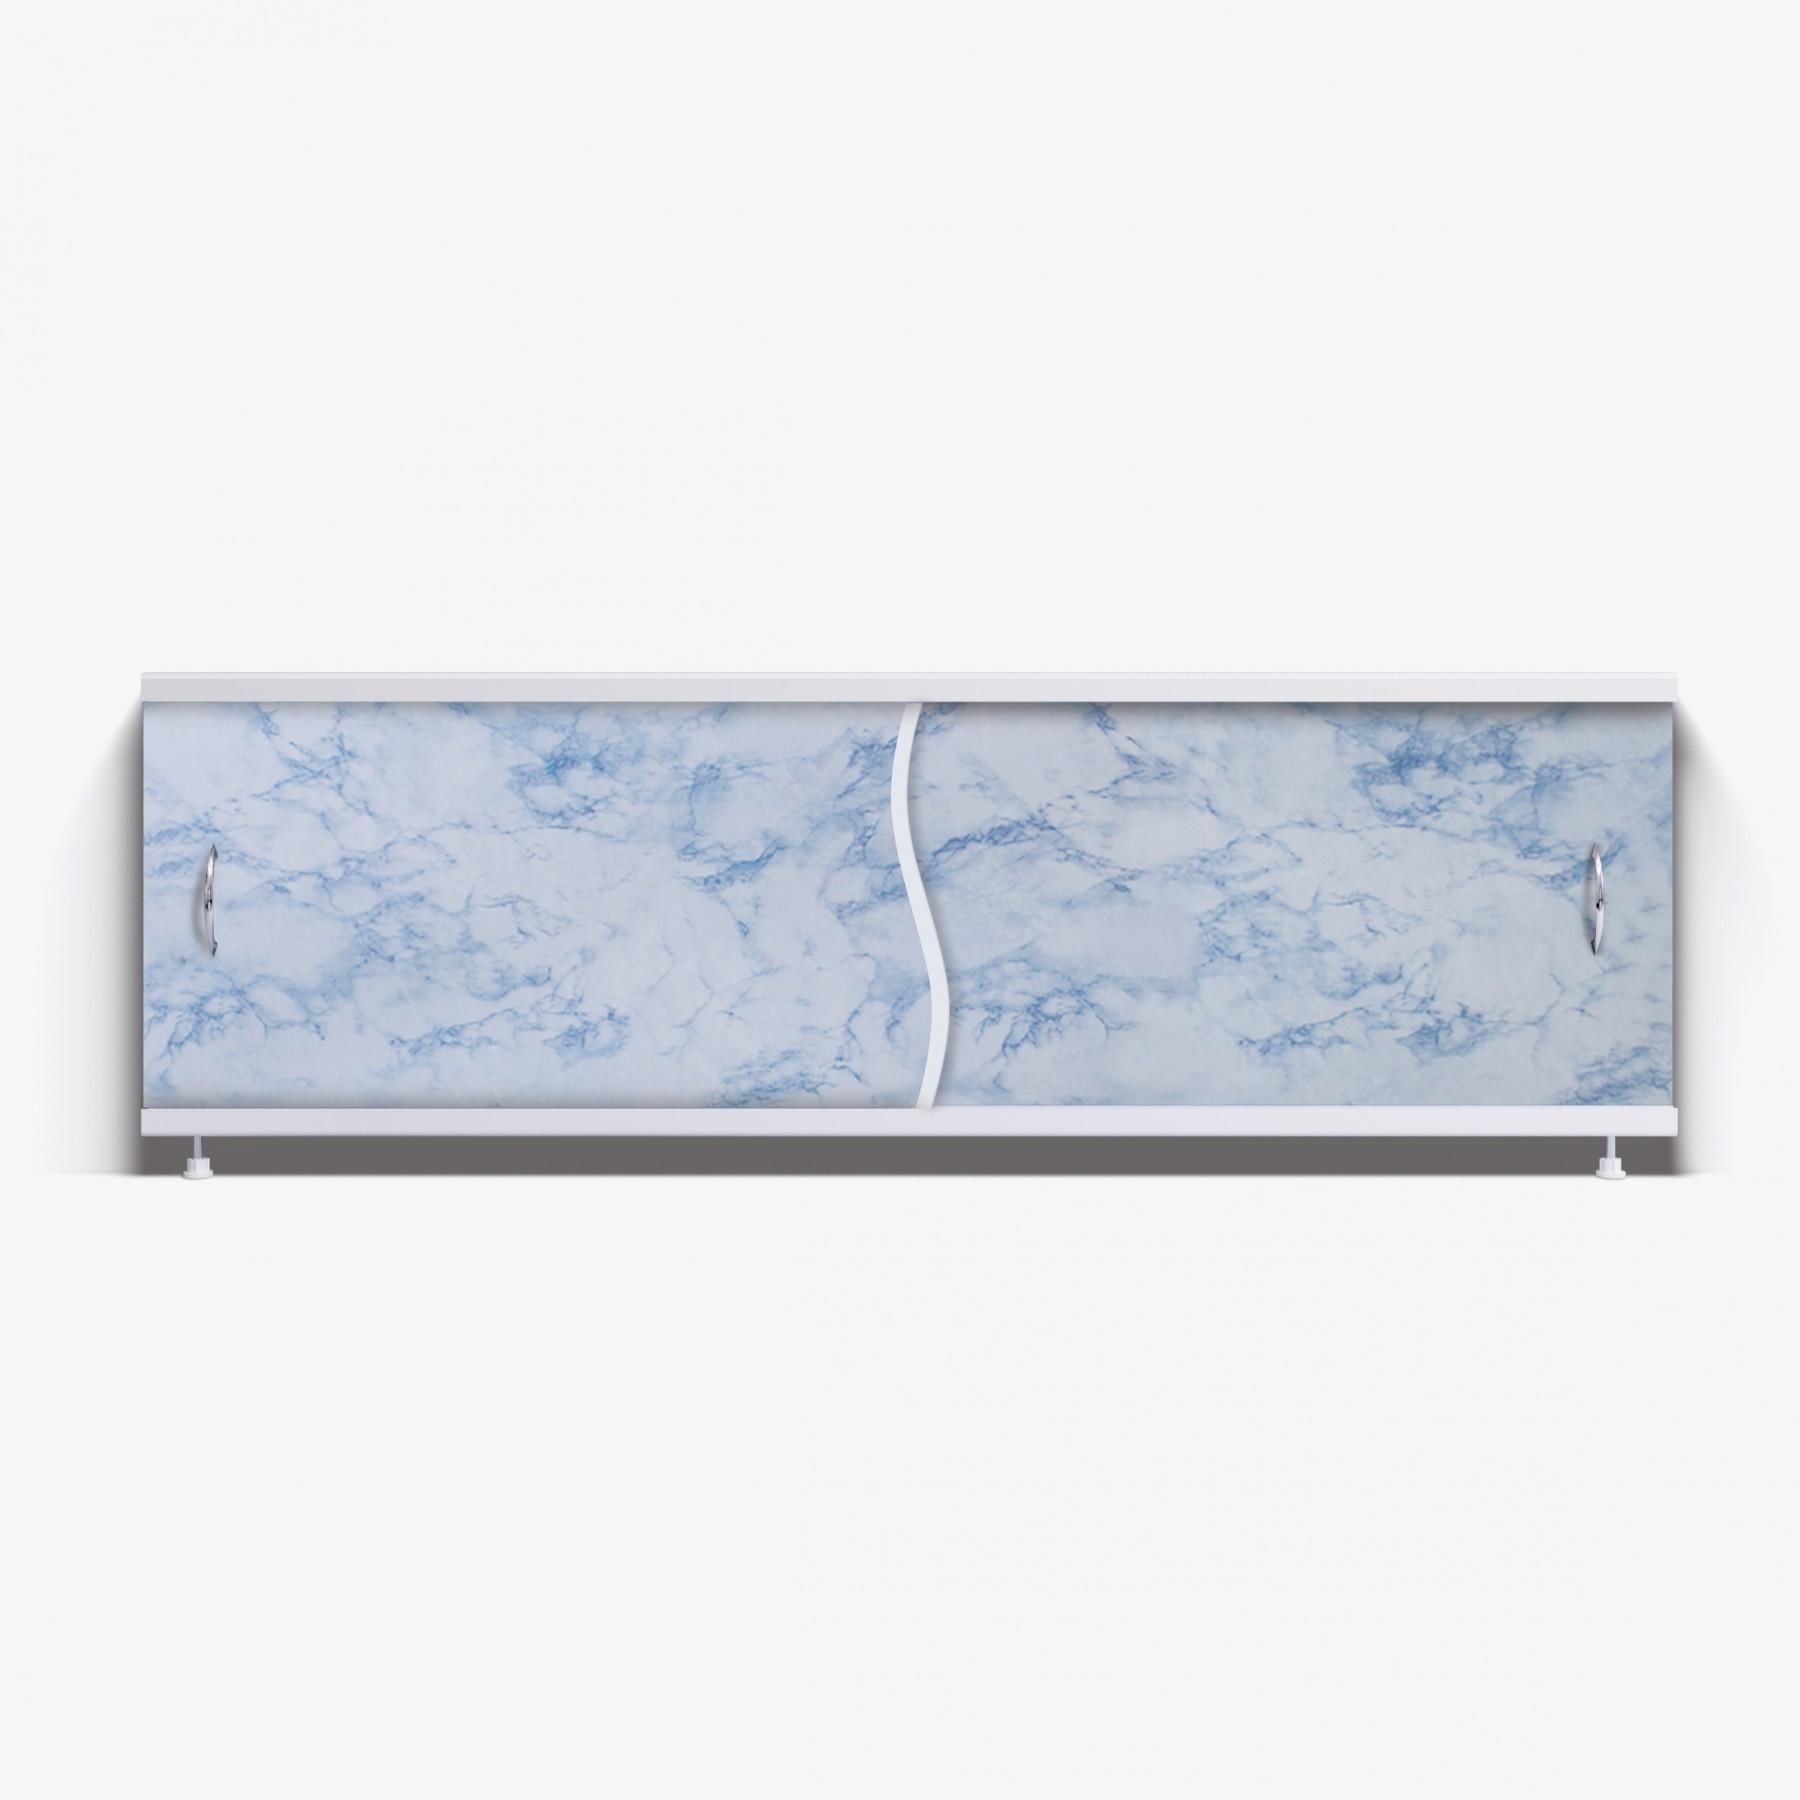 Экран под ванну Премьер 170 серо-синий мрамор